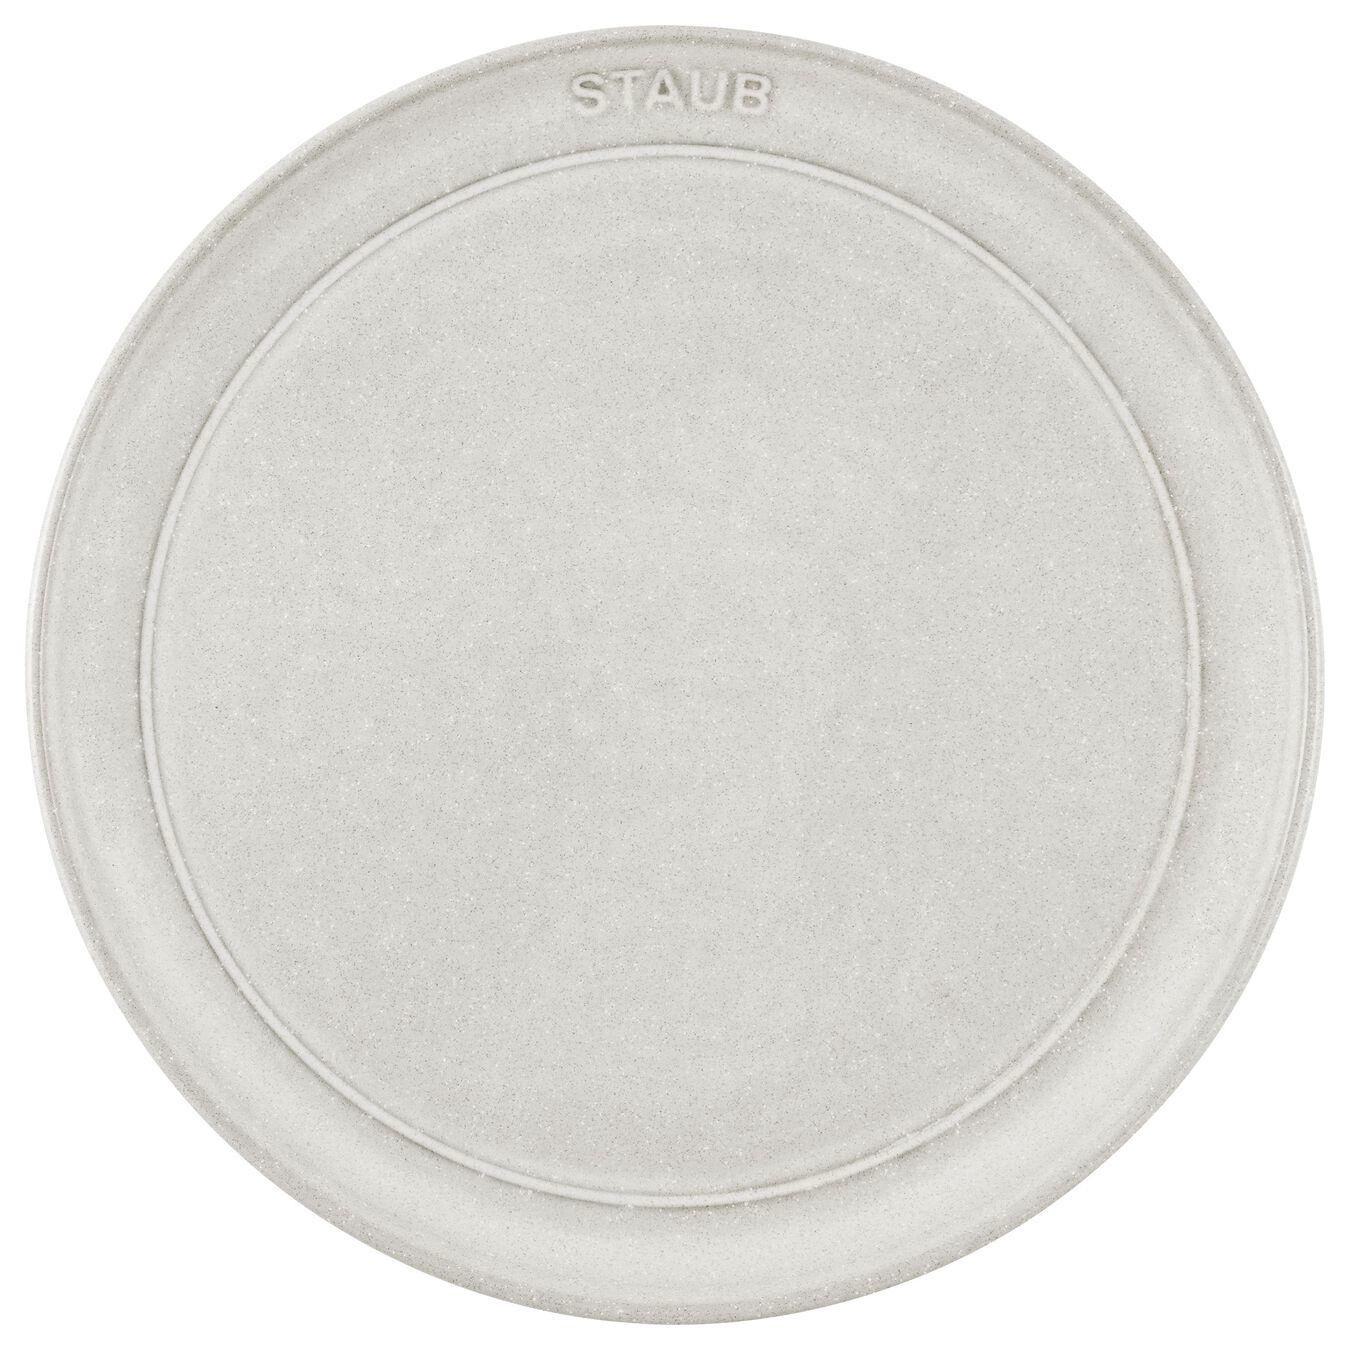 Piatto piano rotondo - 22 cm, tartufo bianco,,large 2